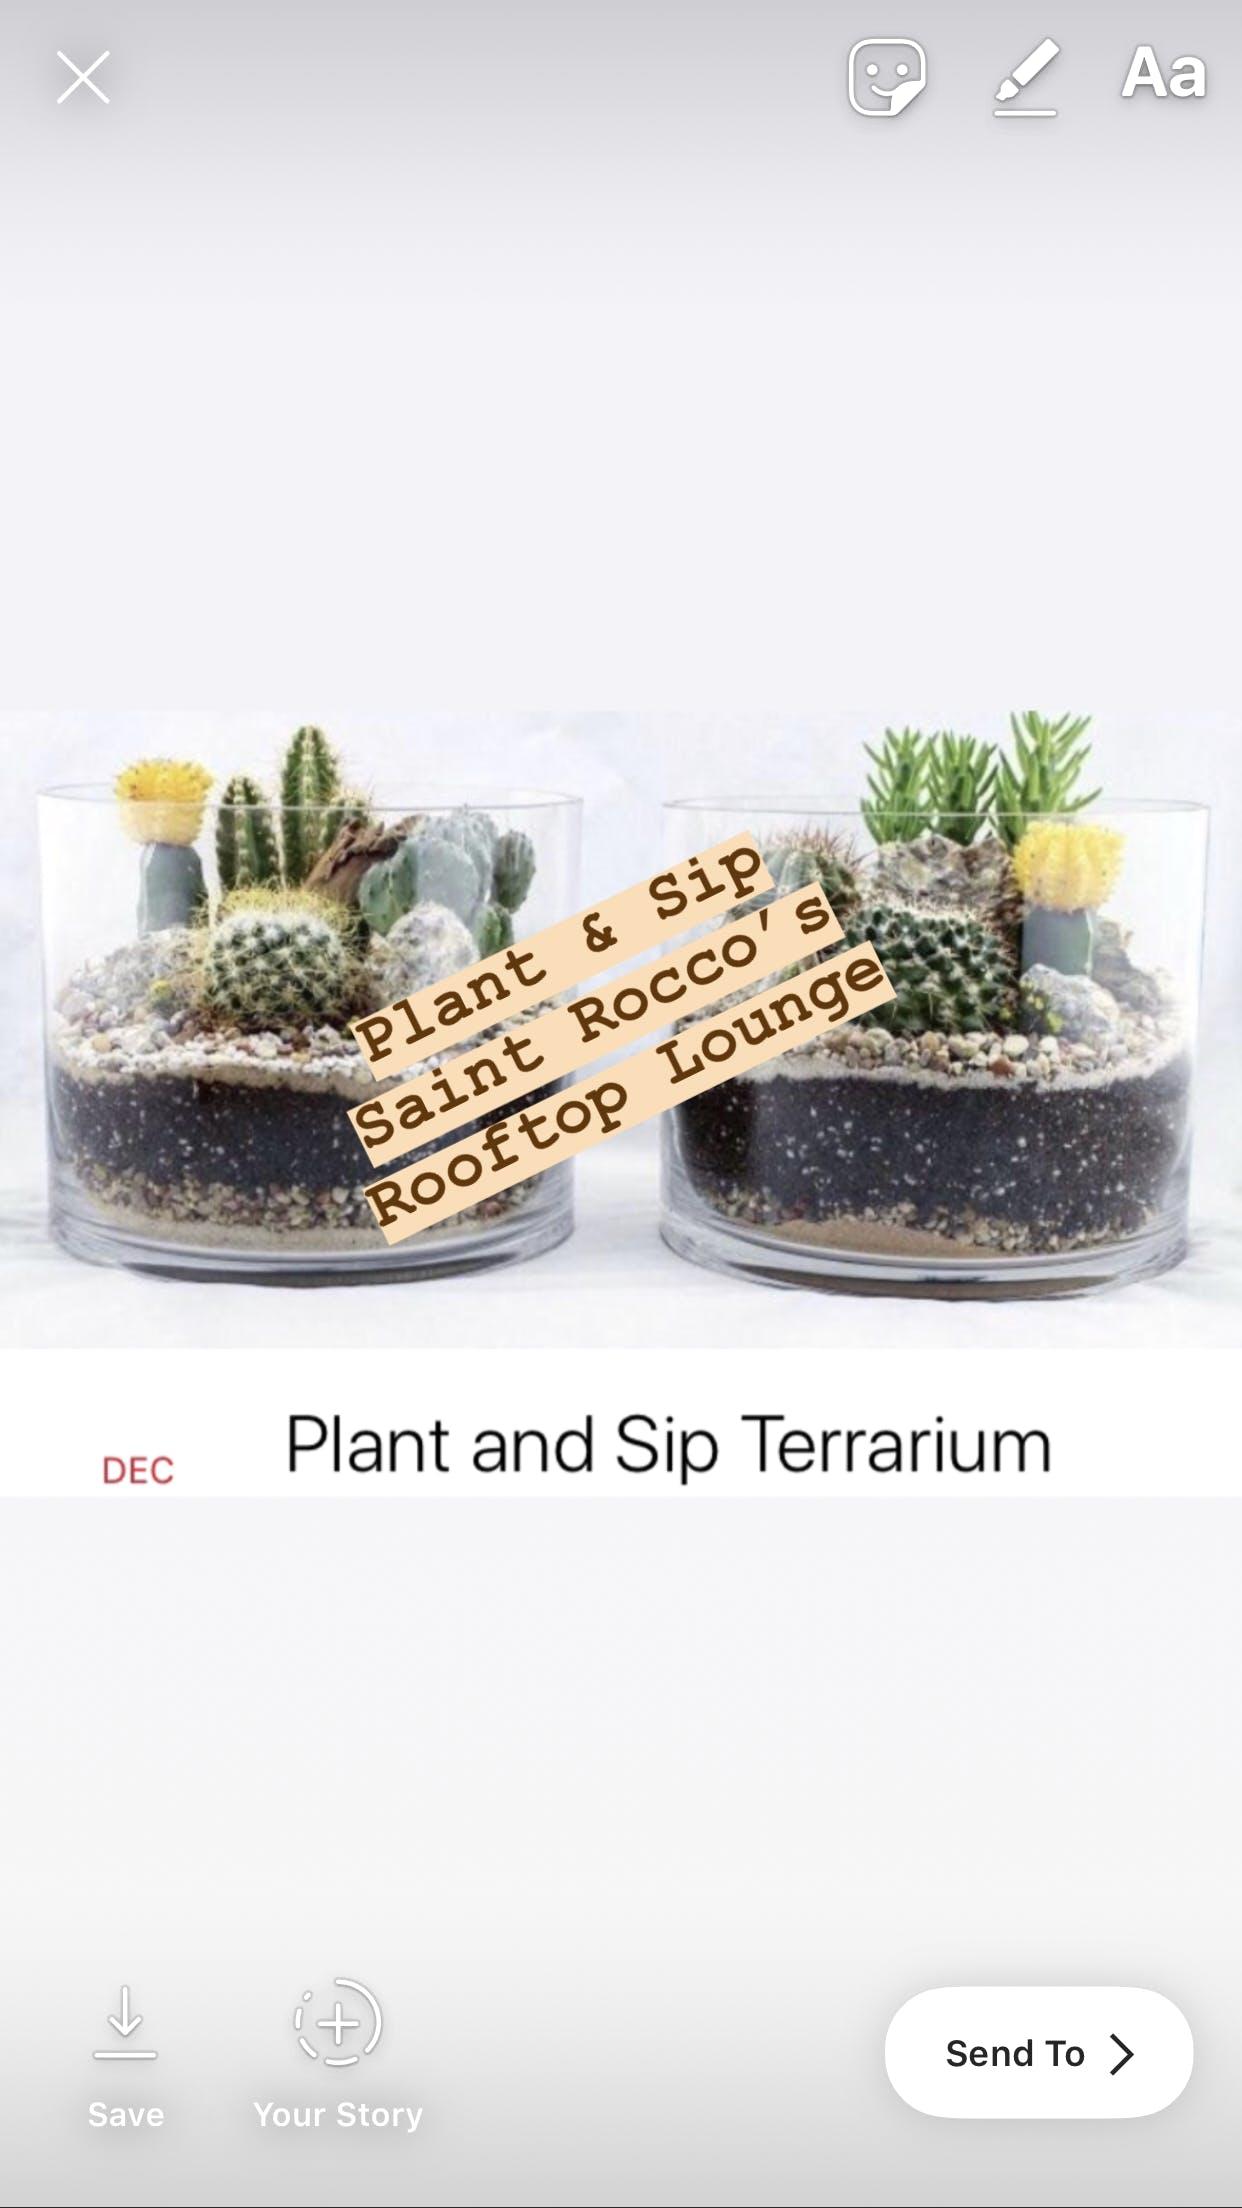 Terrarium Plant Party @ Saint Rocco's Rooftop